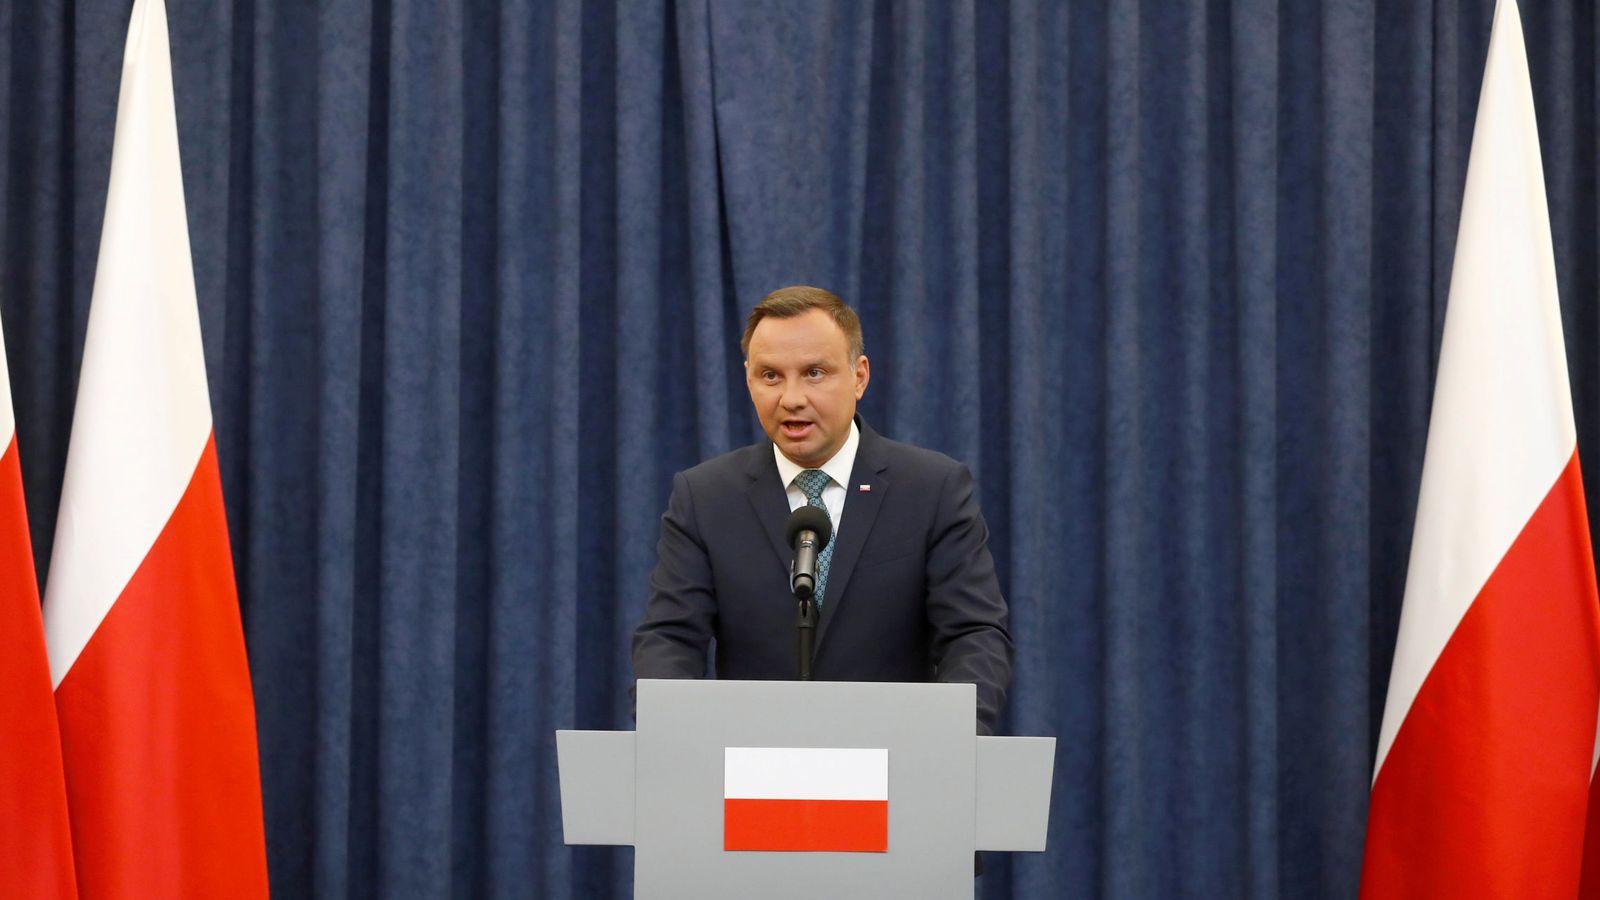 Foto: El presidente de Polonia, Andrzej Duda, en el Palacio Presidencial. (Reuters)